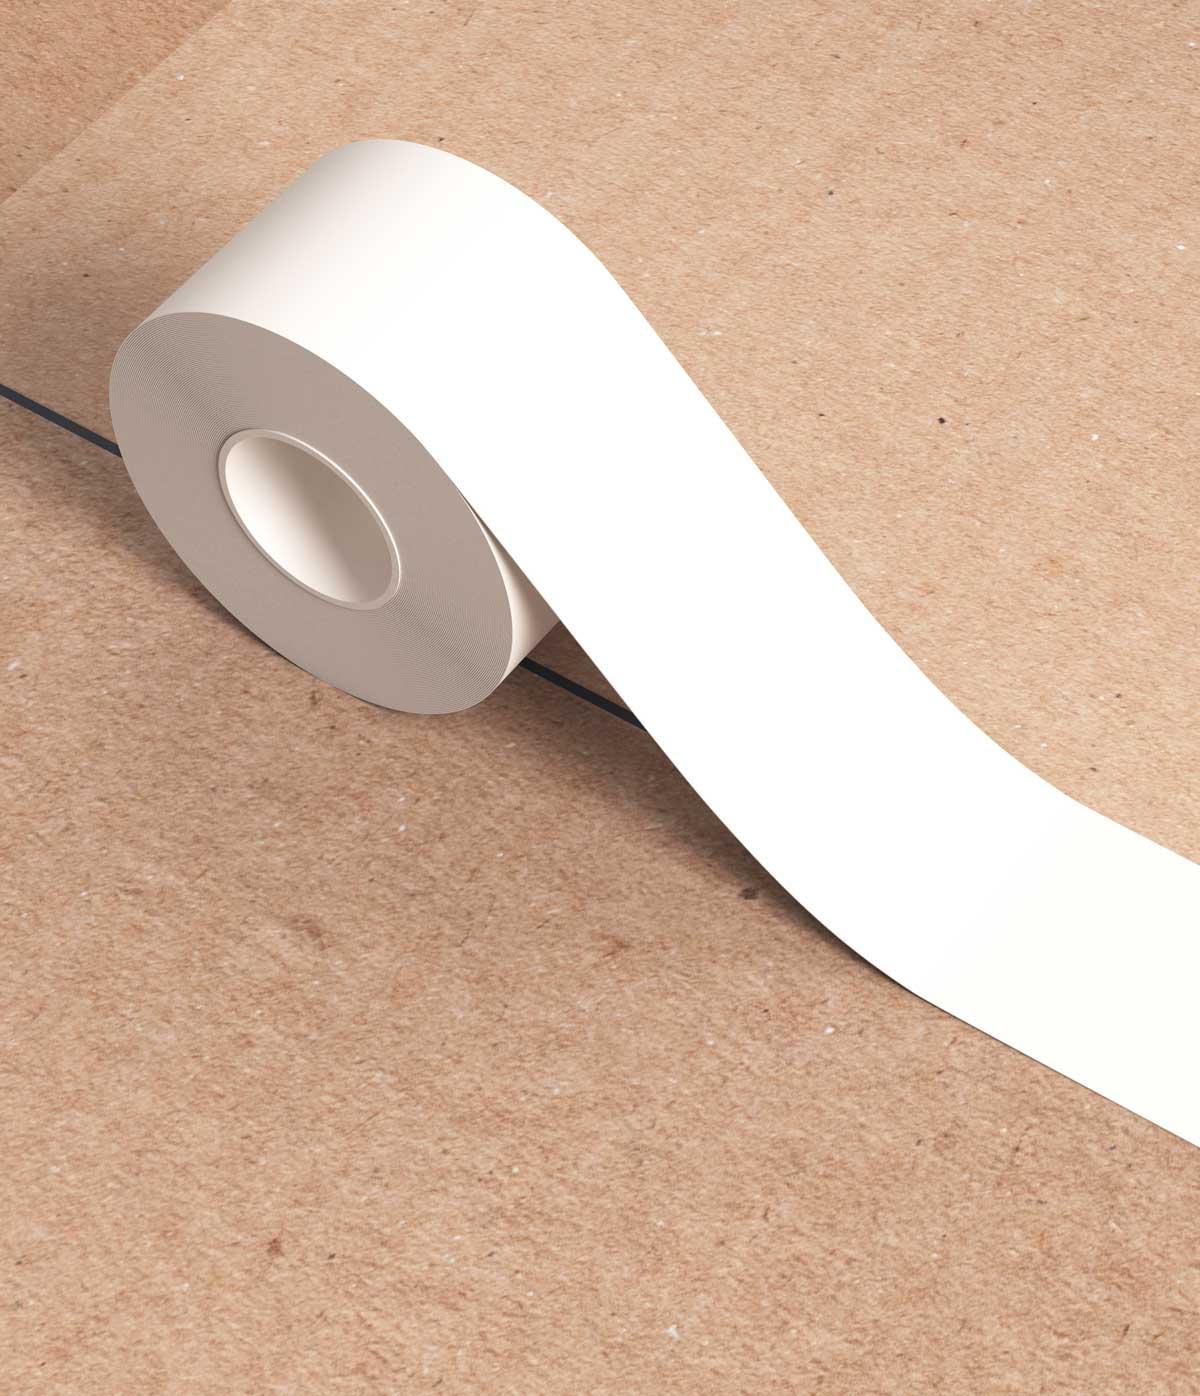 Packing Tape / OPP Tape | 2S Packaging